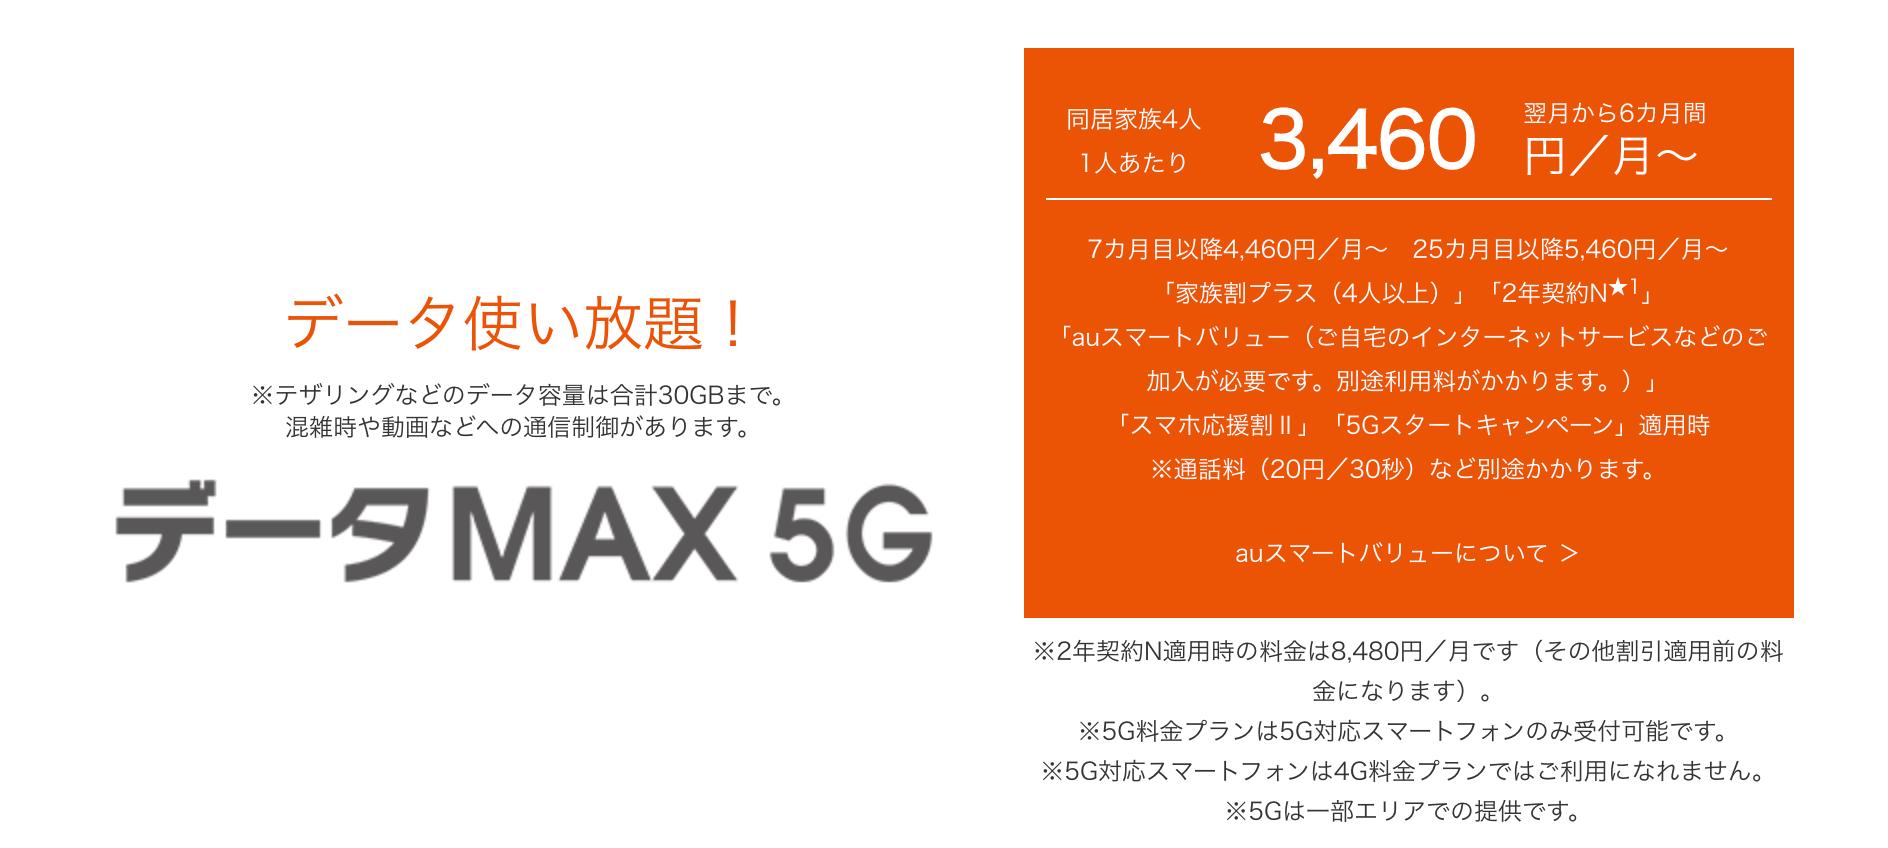 au データMAX 5G バナー